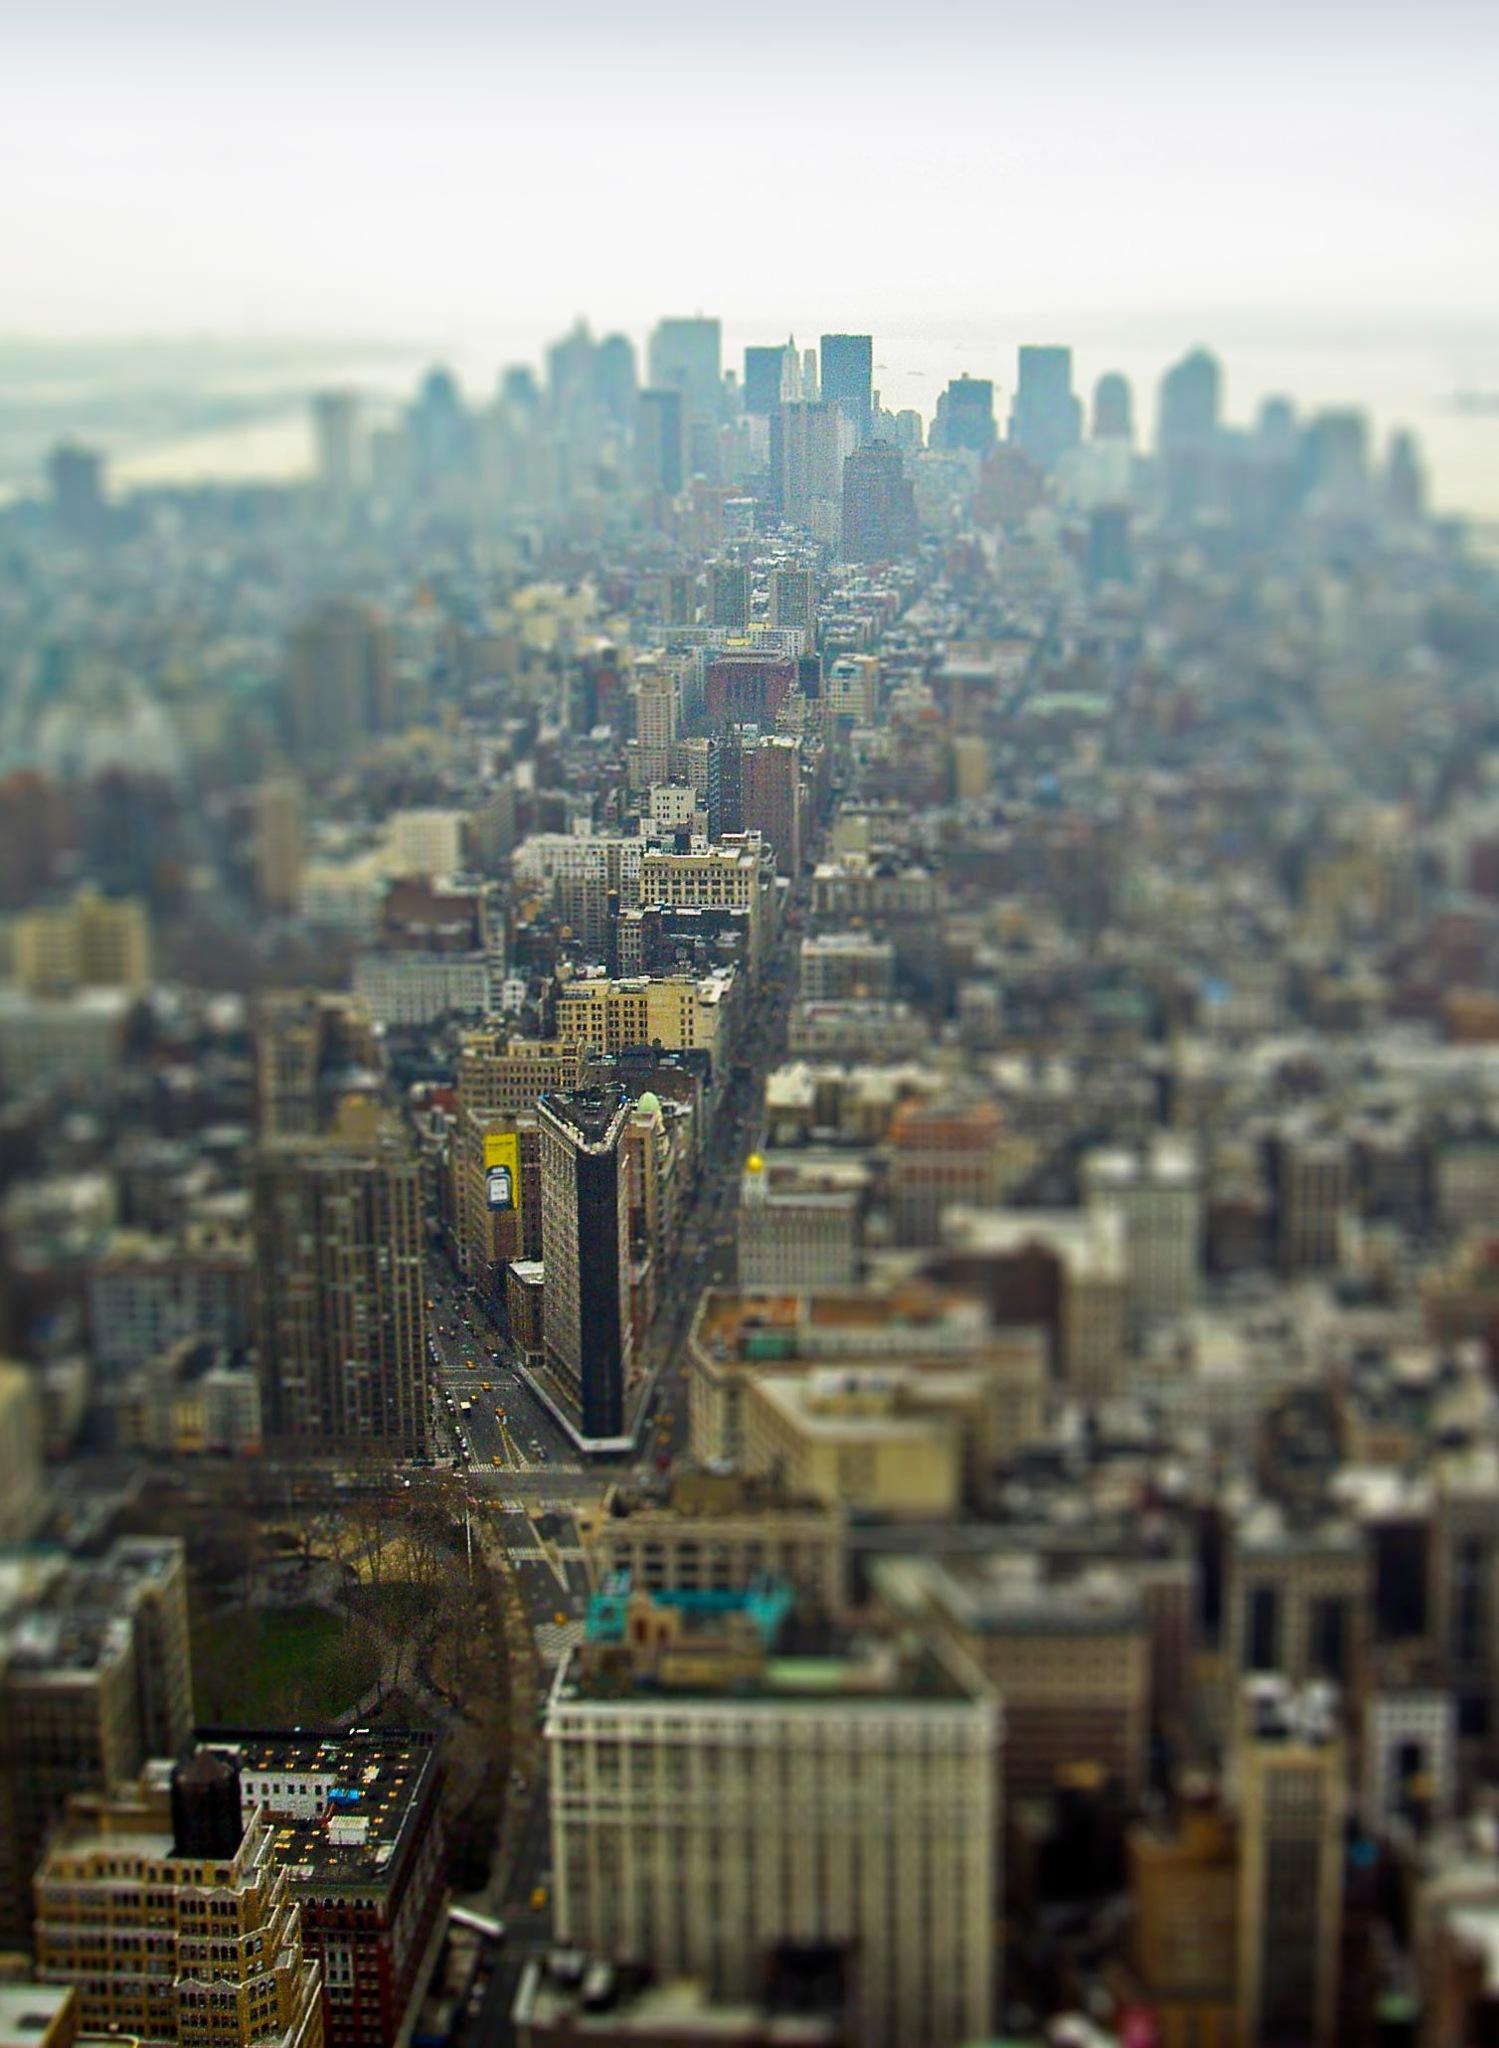 Manhattan miniature by Håkan Arnbert